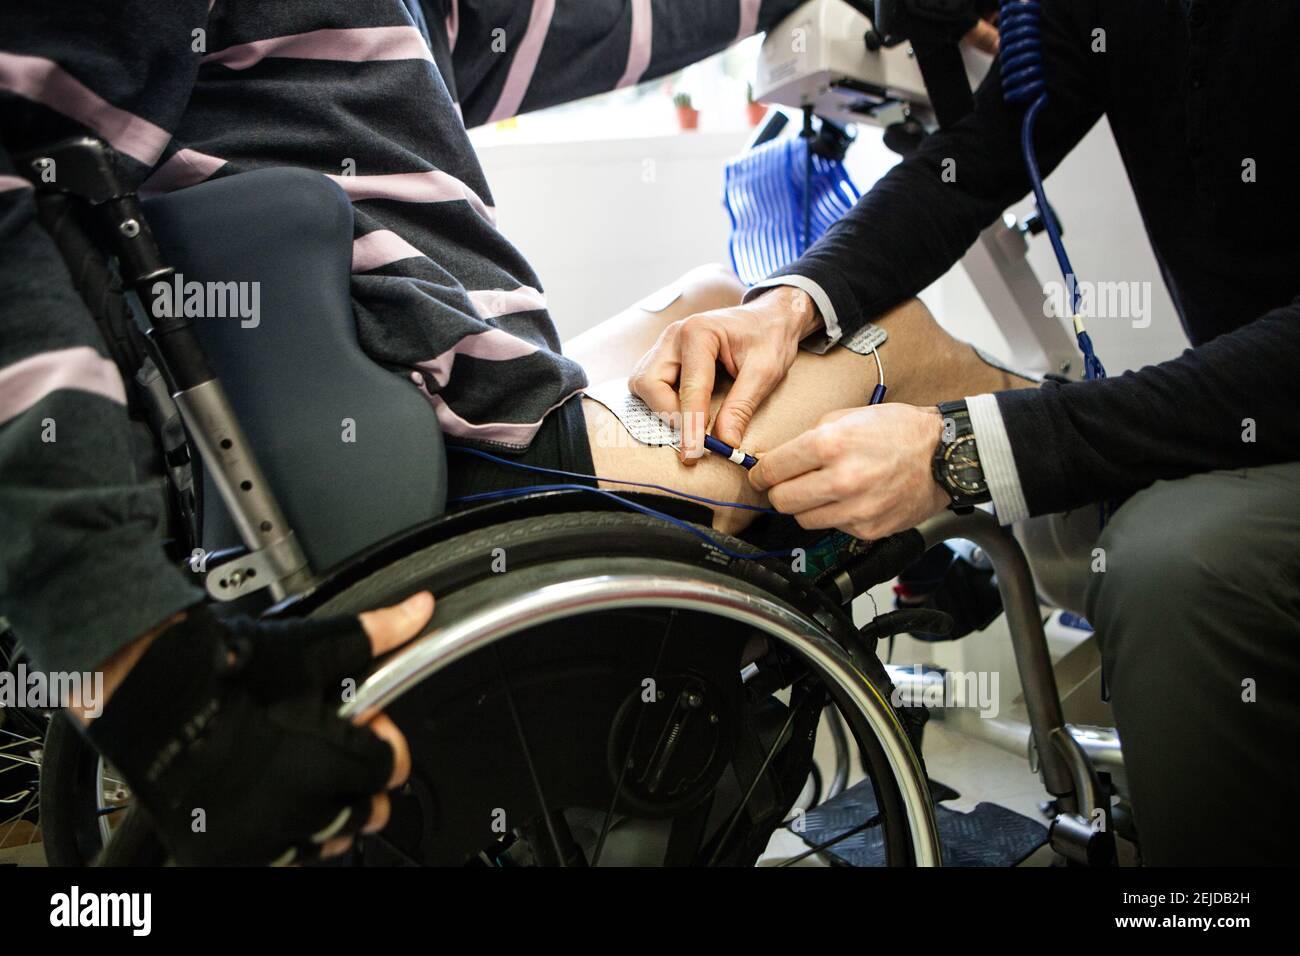 Wettbewerb von Athleten mit bionischen Geräten mit Elektrostimulation und Gehirn-Maschine-Schnittstellen ausgestattet. Stockfoto